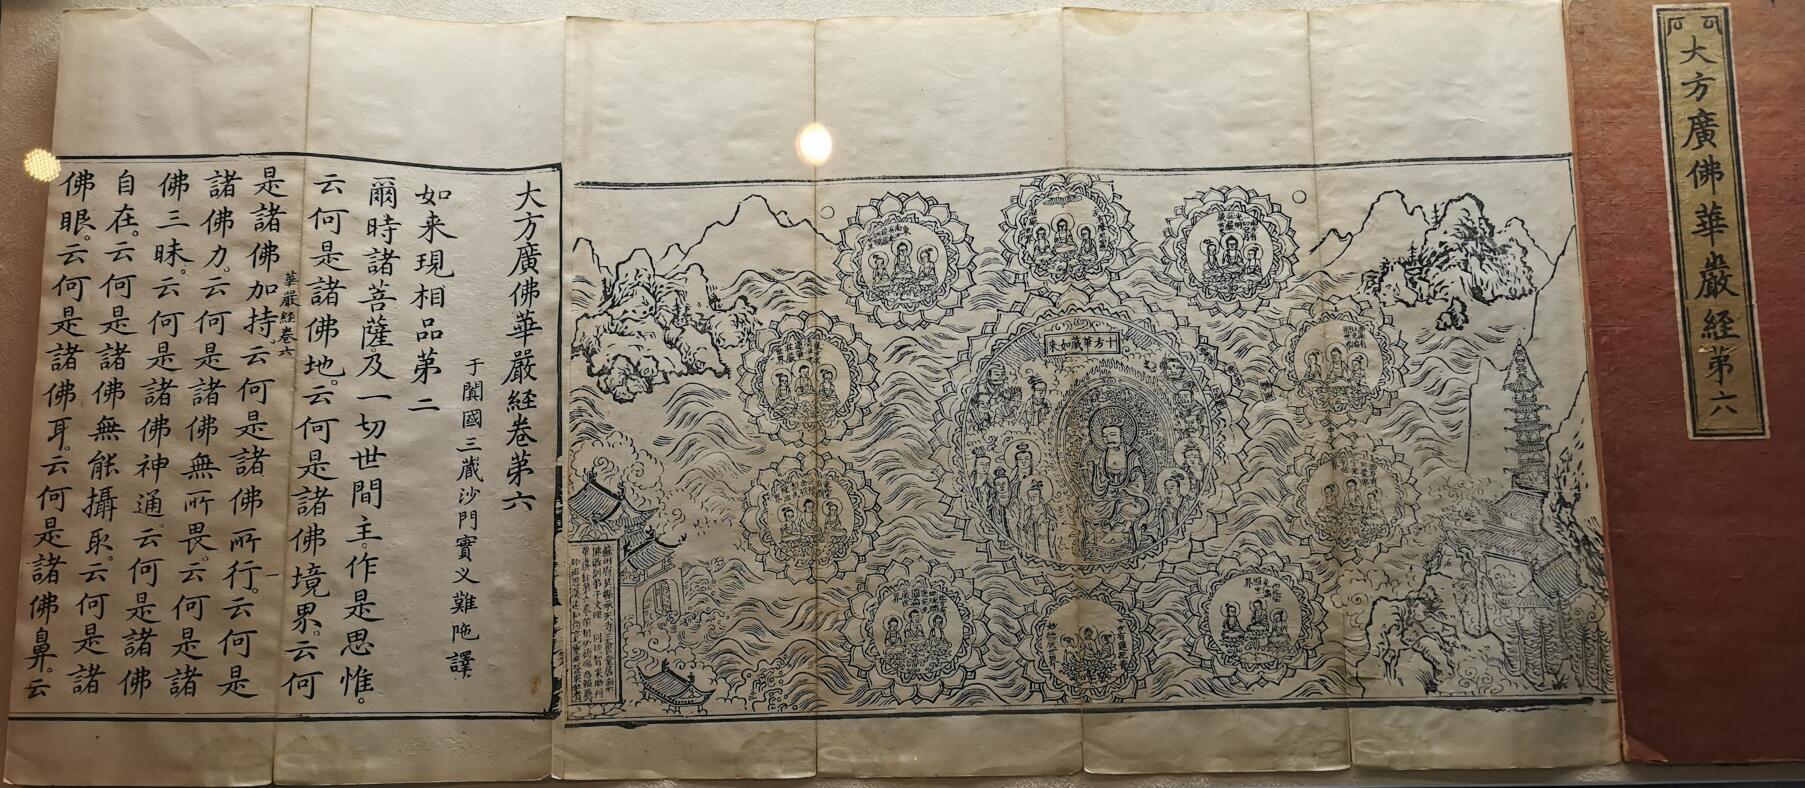 张掖大佛寺之佛经展览02.jpg